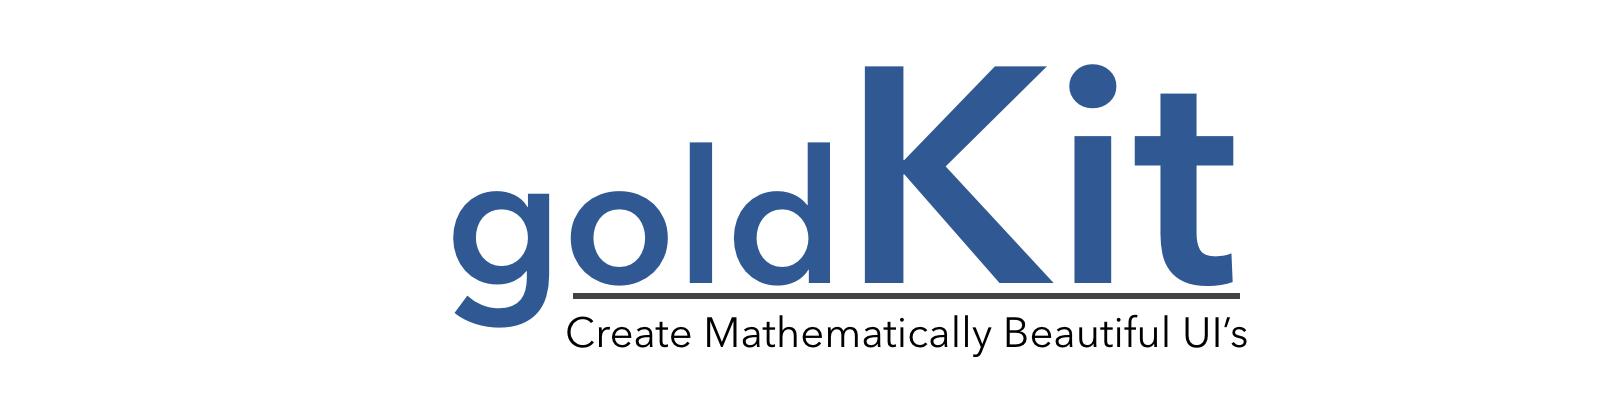 GoldKit